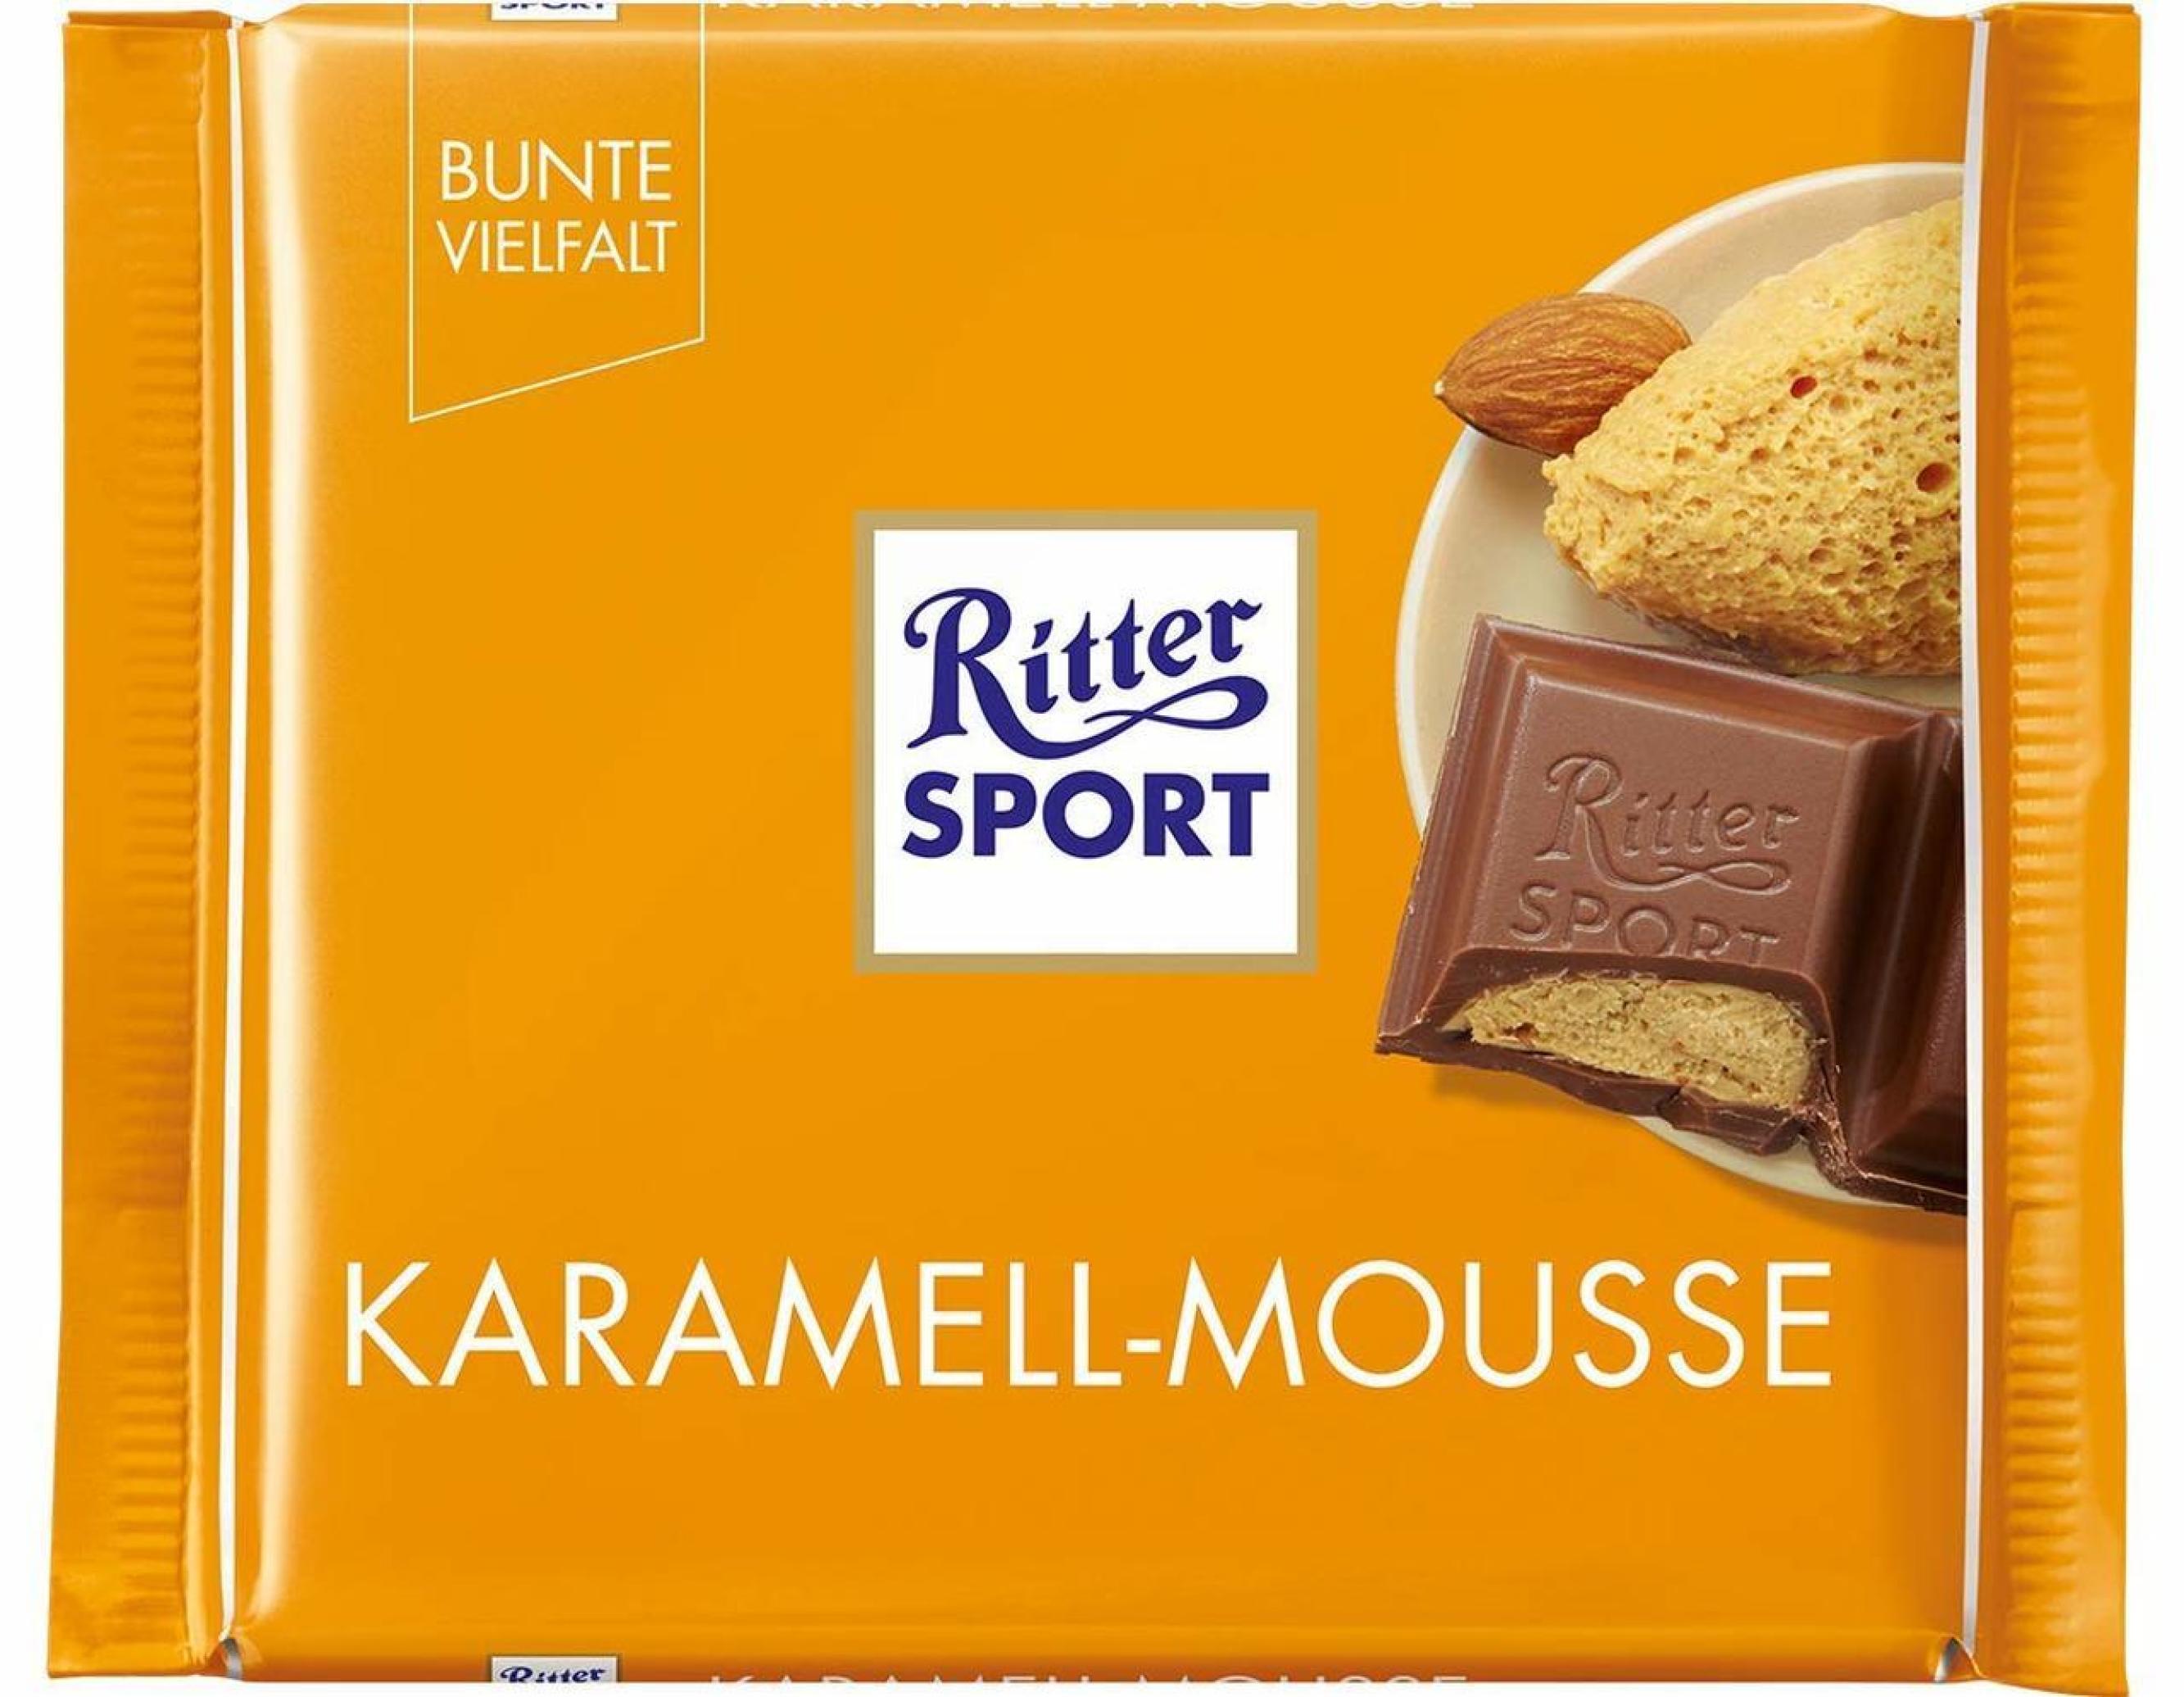 خرید اینترنتی شکلات 100 گرمی Ritter Sport مدل KARAMEL-MOUSSE شهر شکلات فروشگاه اینترنتی وجیسنک